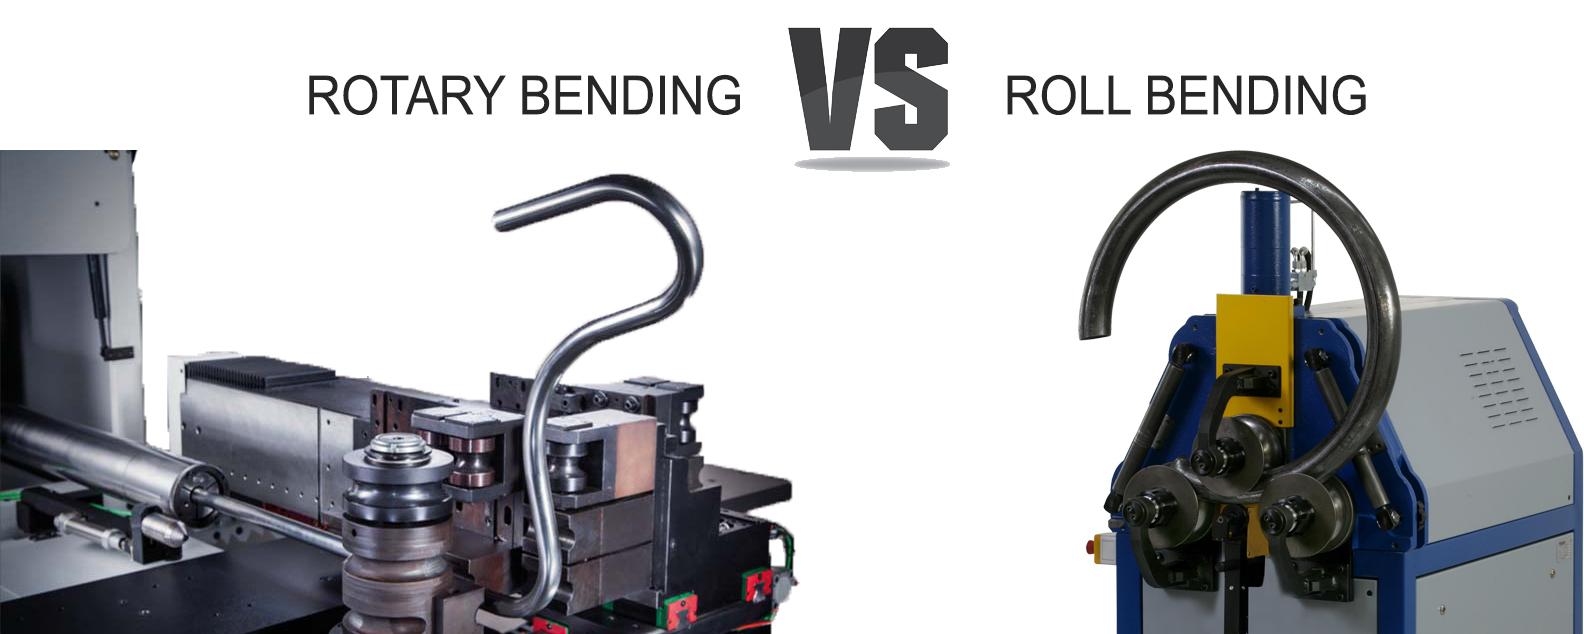 Rotary Bending VS Roll Bending